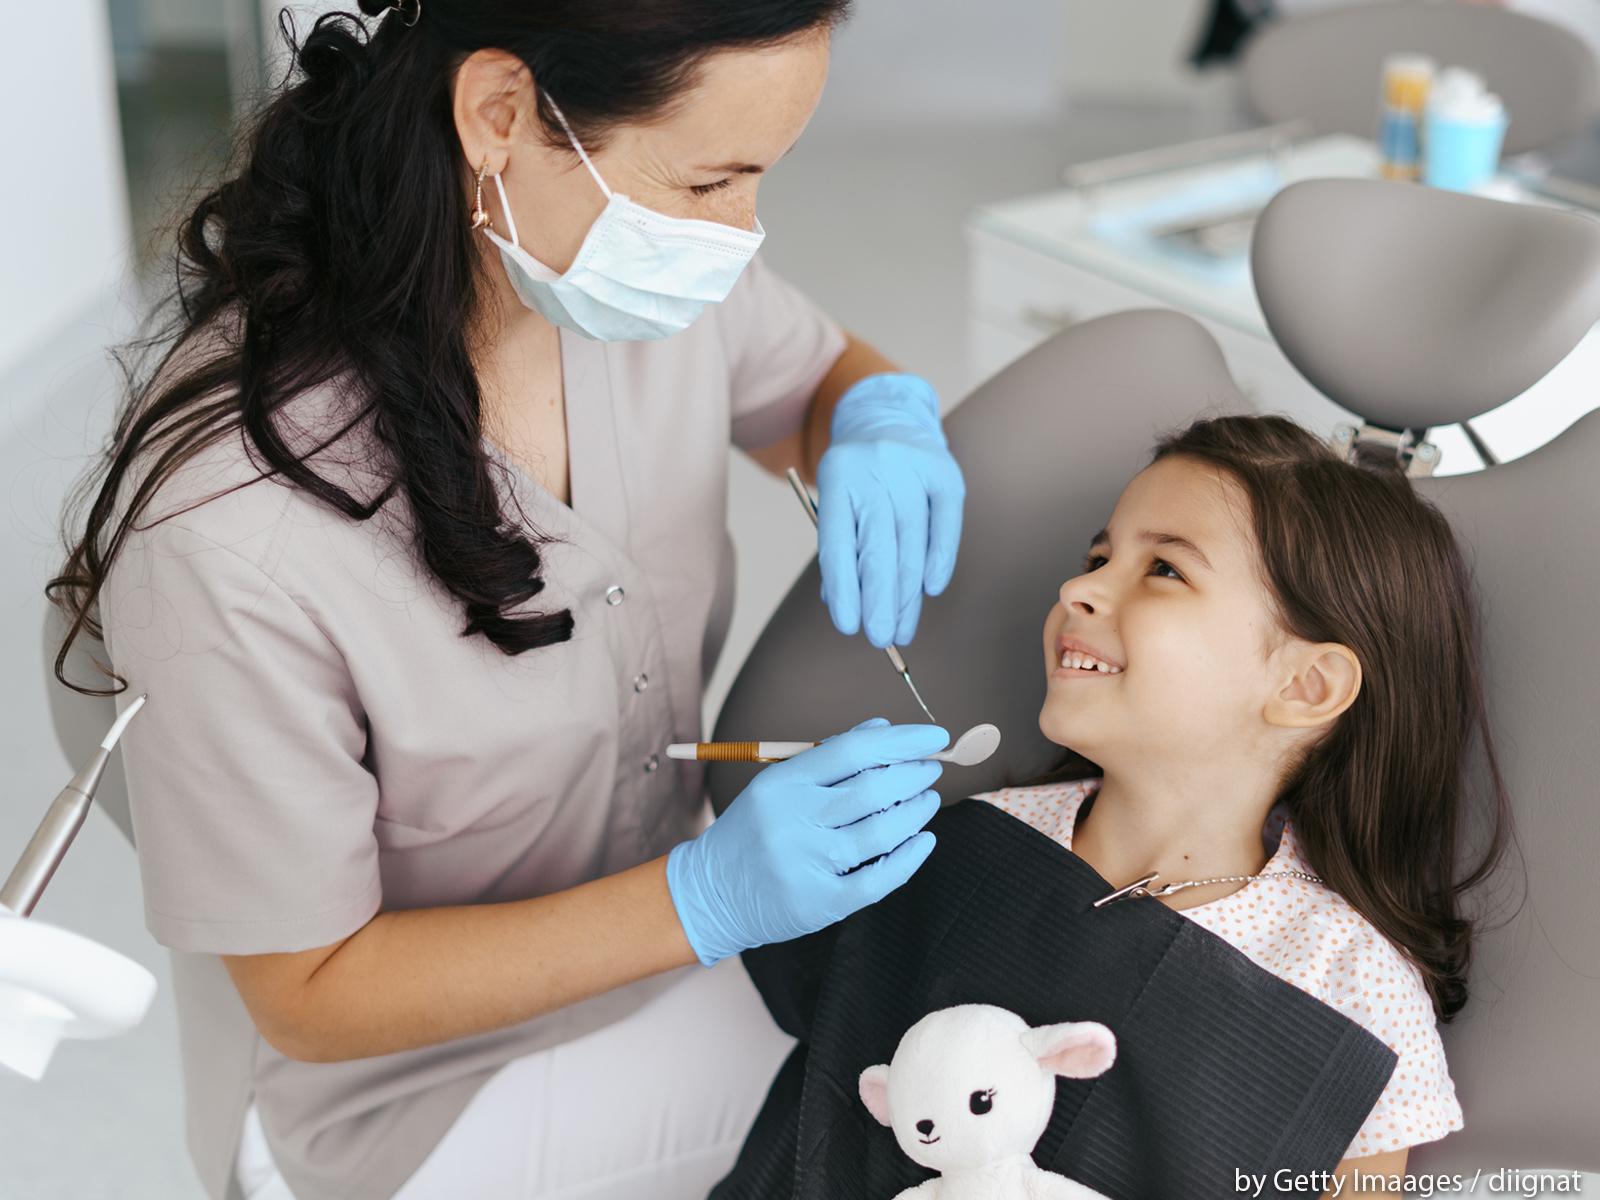 Quando devo levar meu filho ao dentista